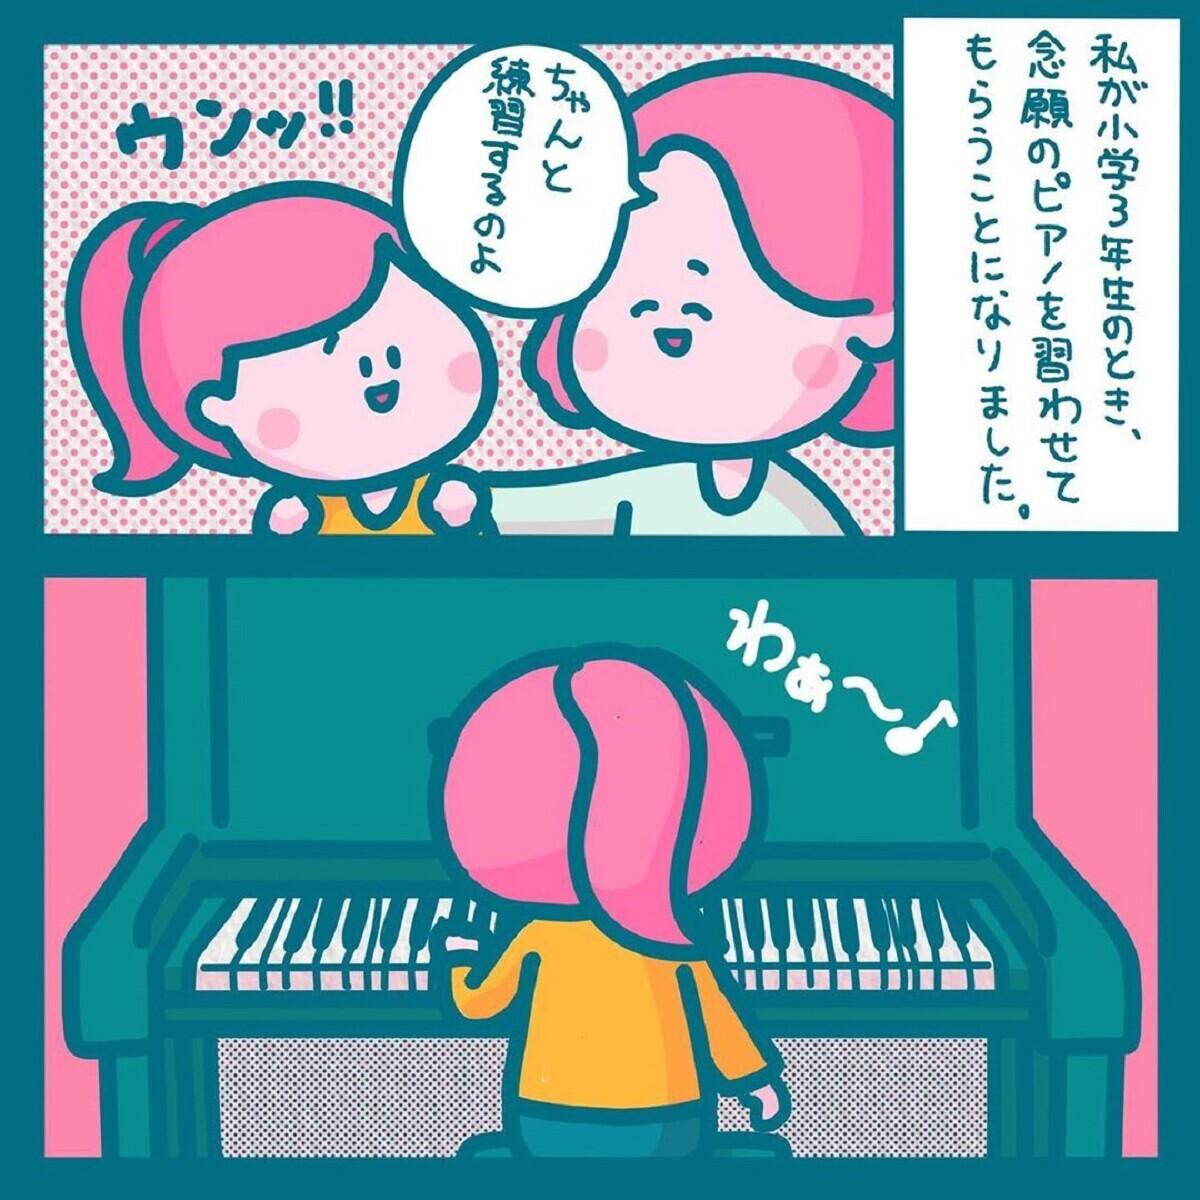 私が小学3年生のとき、念願のピアノを習わせてもらうことになりました。